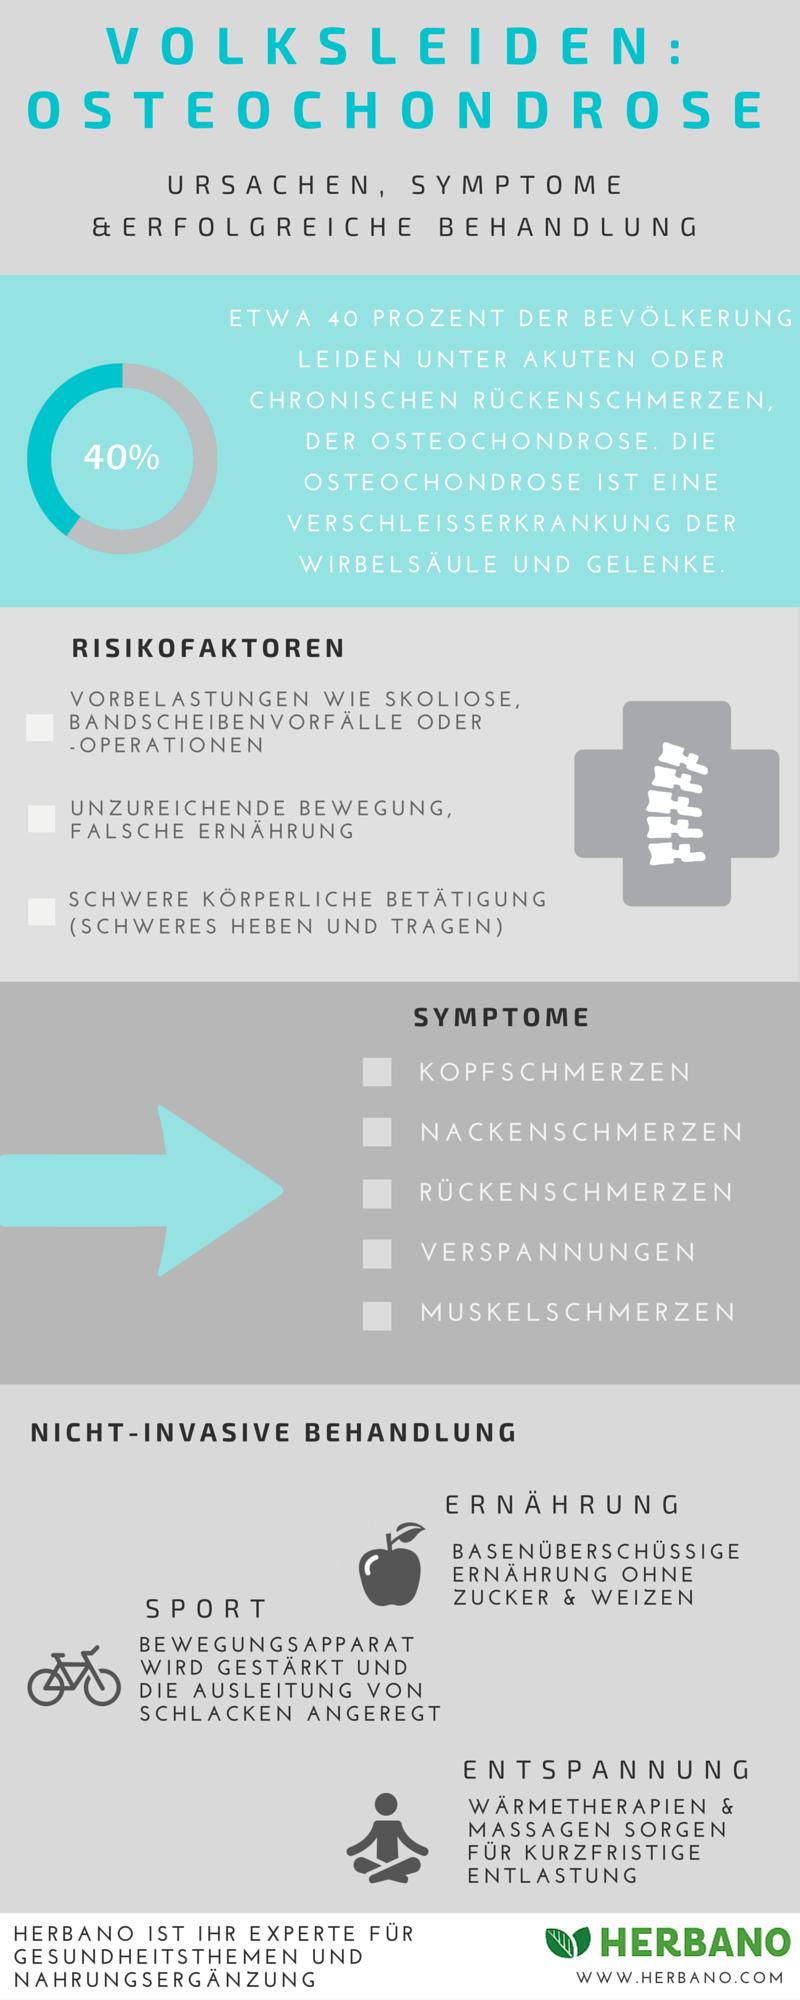 Tipps und Übungen gegen Schmerzen in der Lendenwirbelsäule / Schmerzen im unteren Rücken